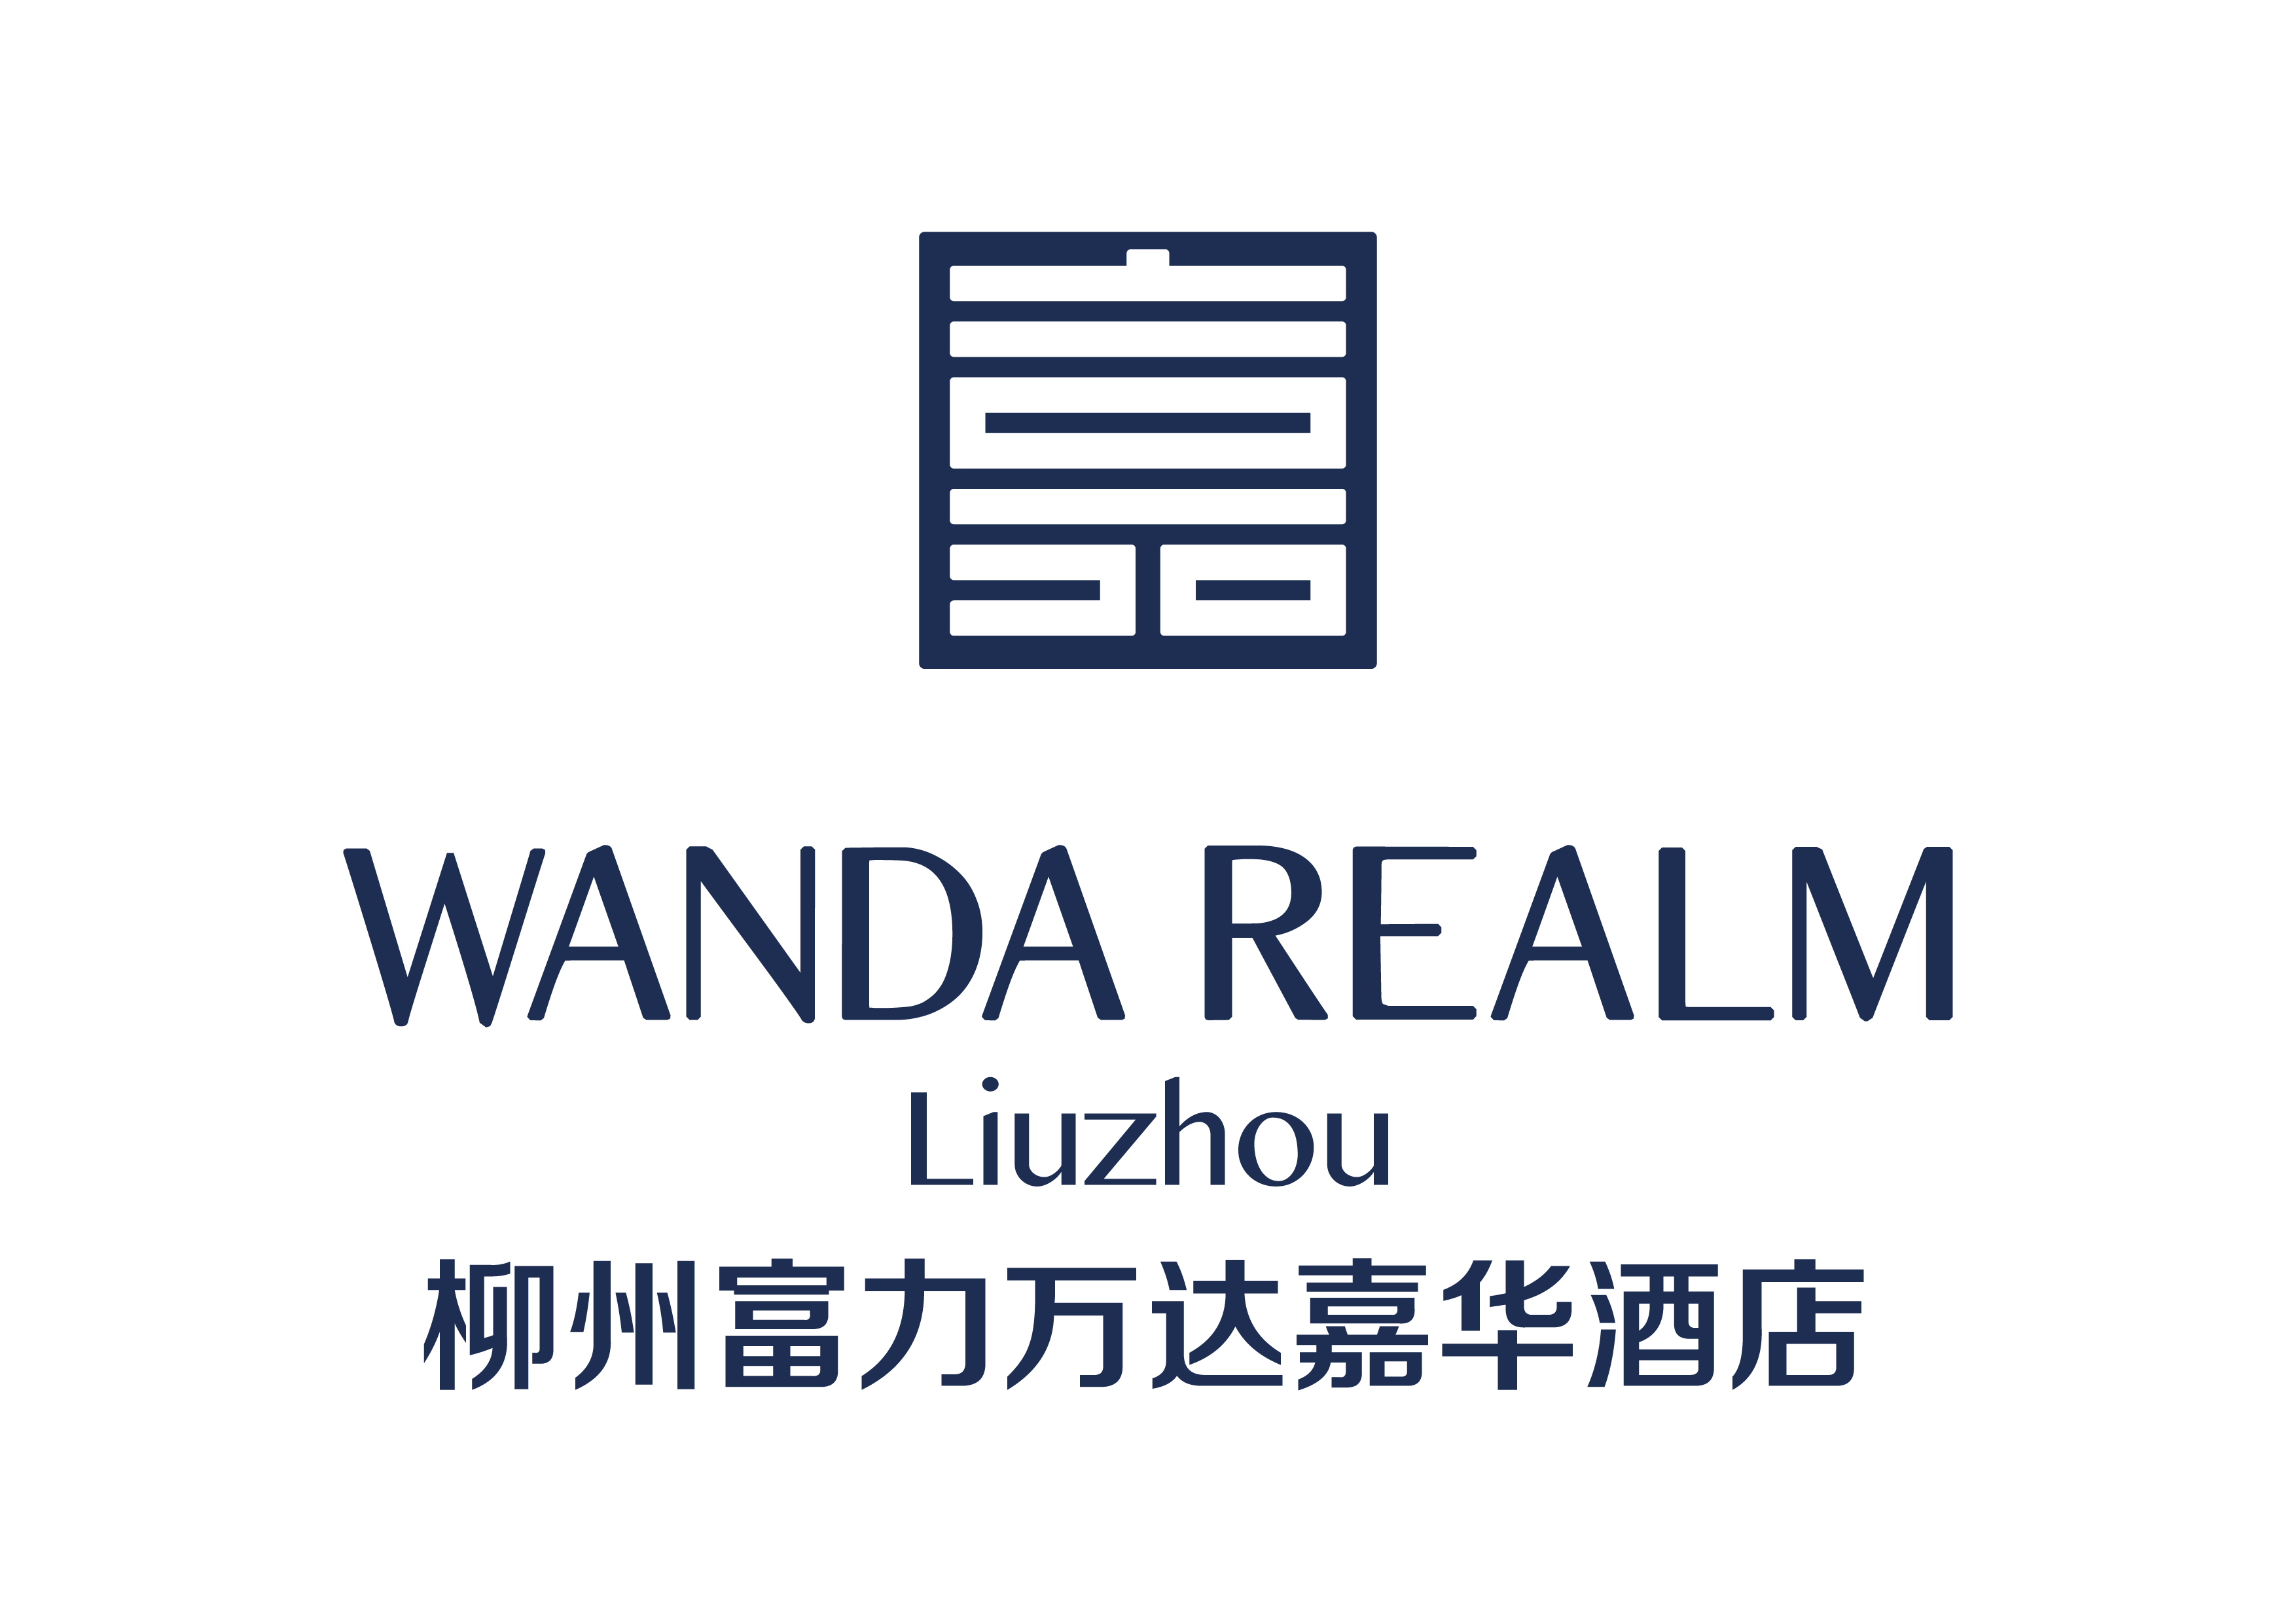 柳州万达嘉华酒店Wanda Realm Liuzhou